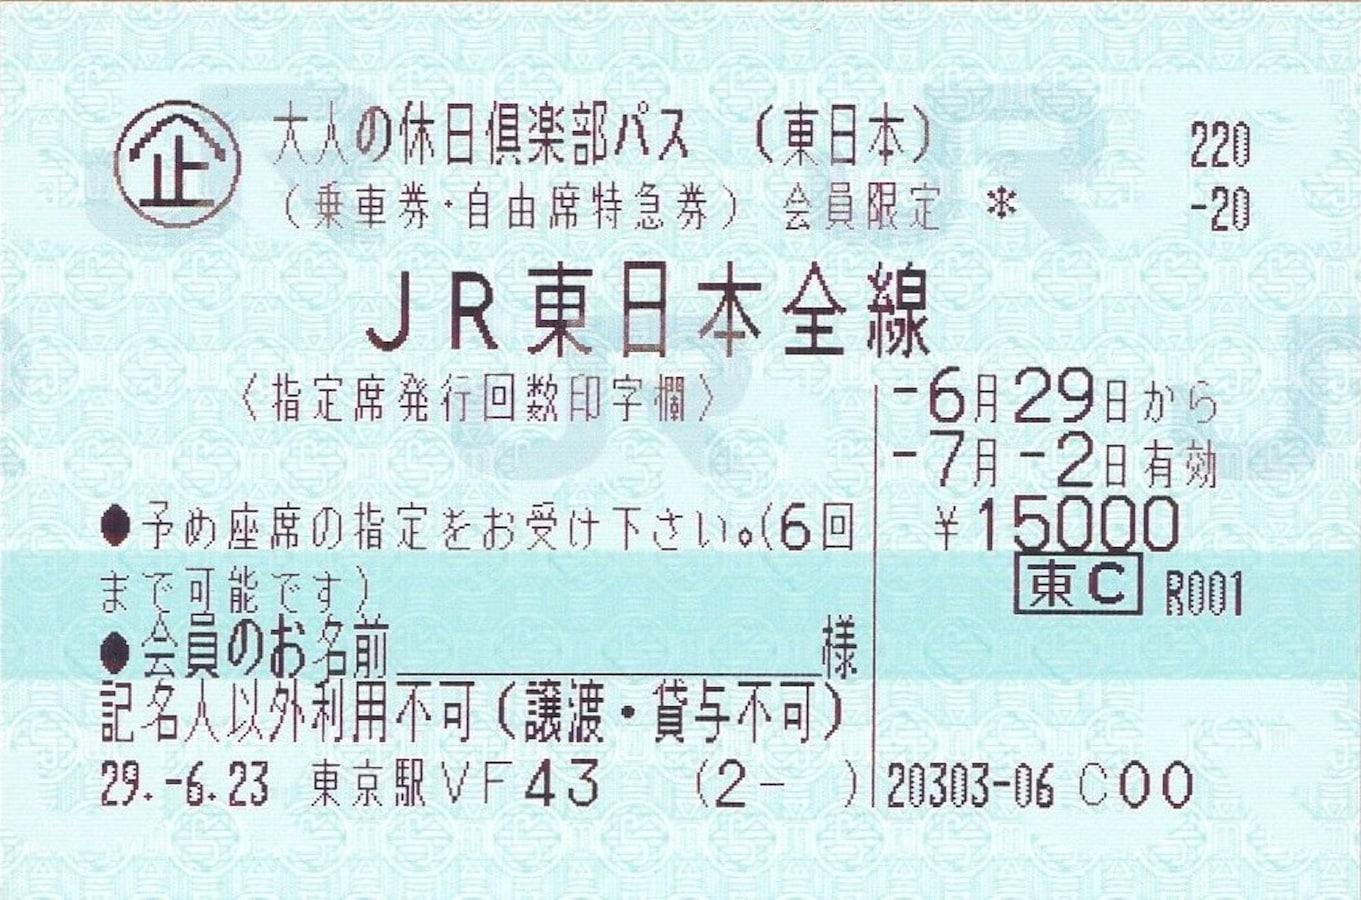 大人 の 休日 倶楽部 大人の休日倶楽部パス(東日本・北海道)(2021年度設定)|JR北海道...